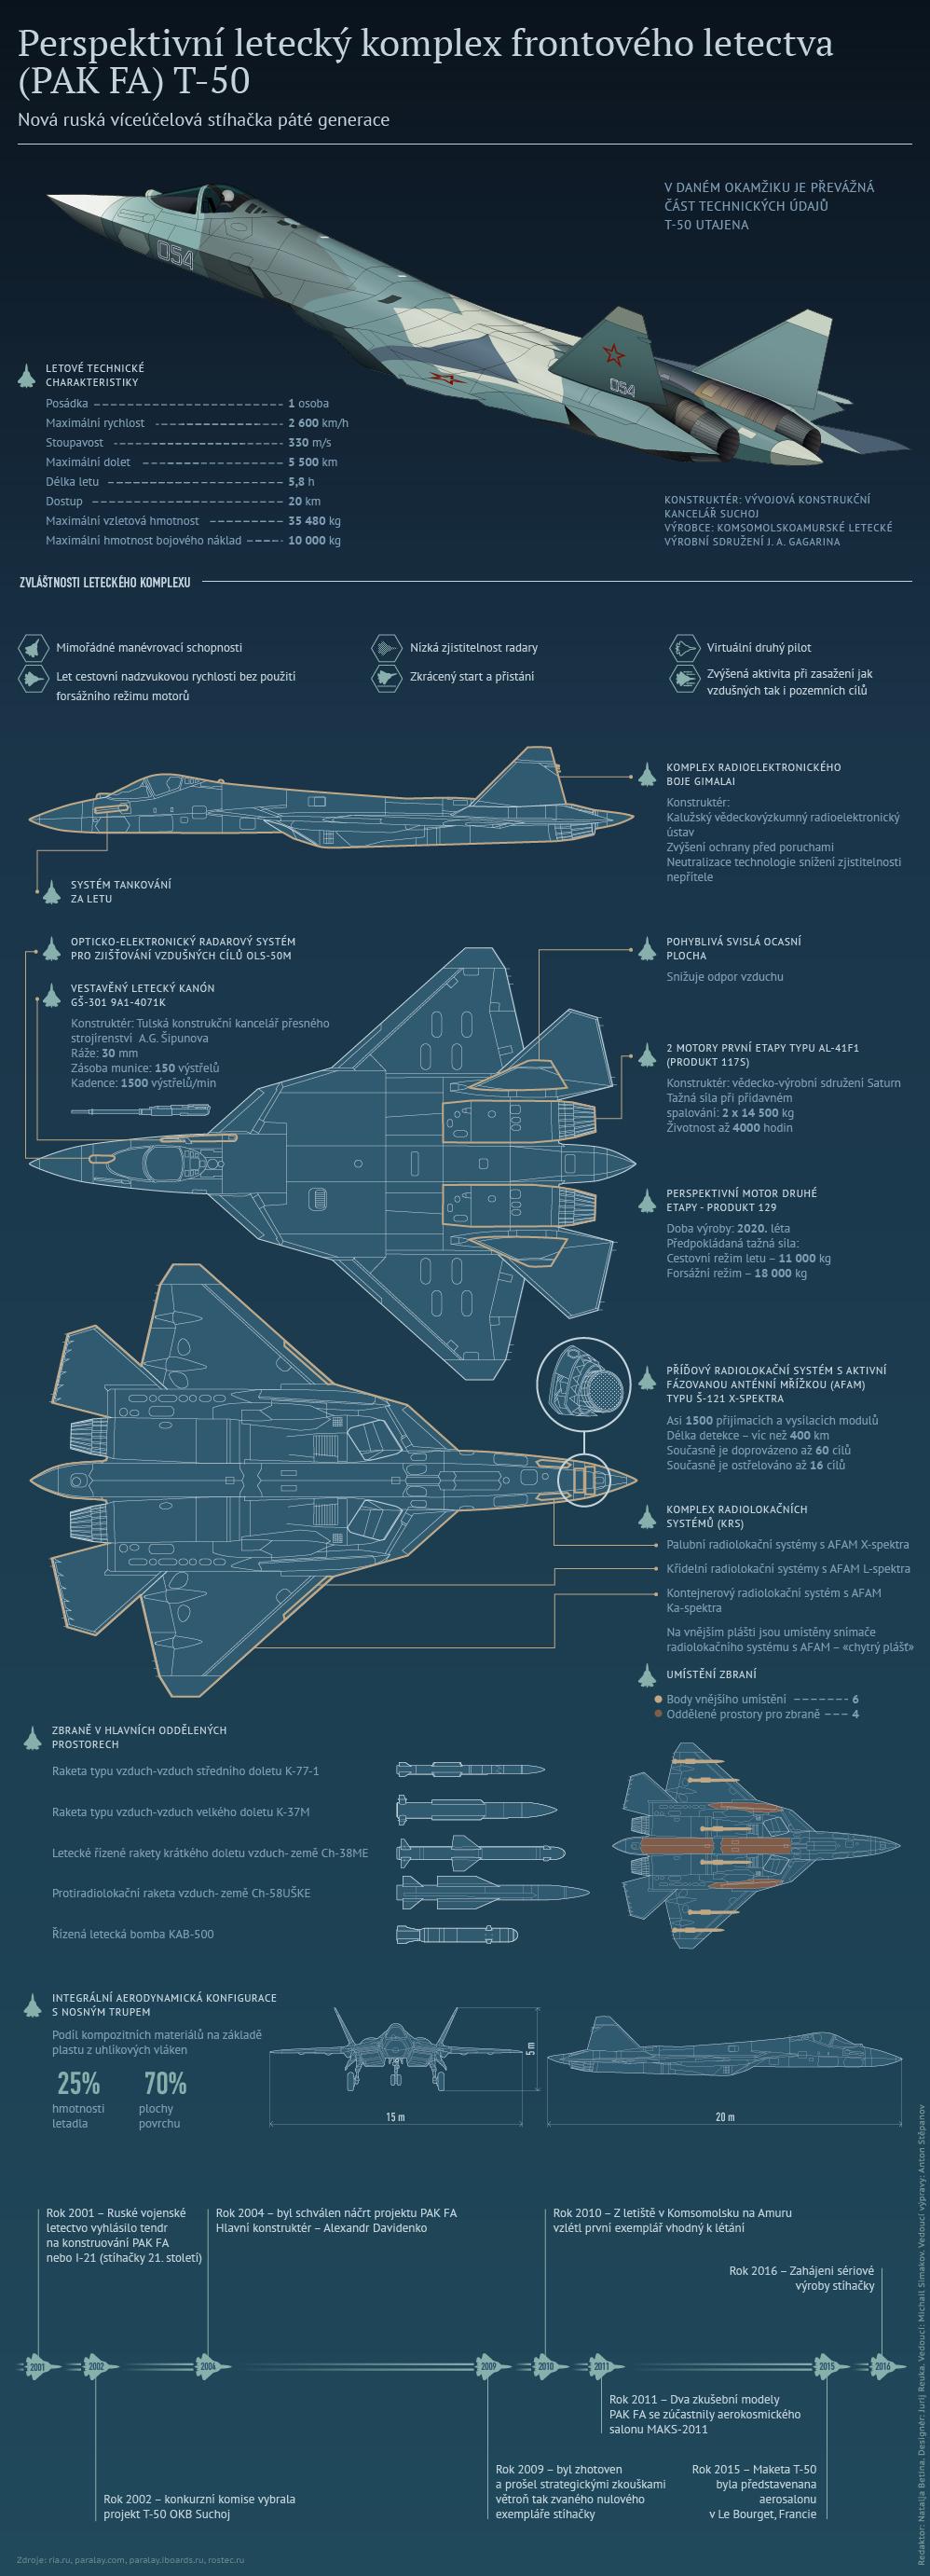 Nová ruská víceúčelová stíhačka páté generace (PAK FA) T-50